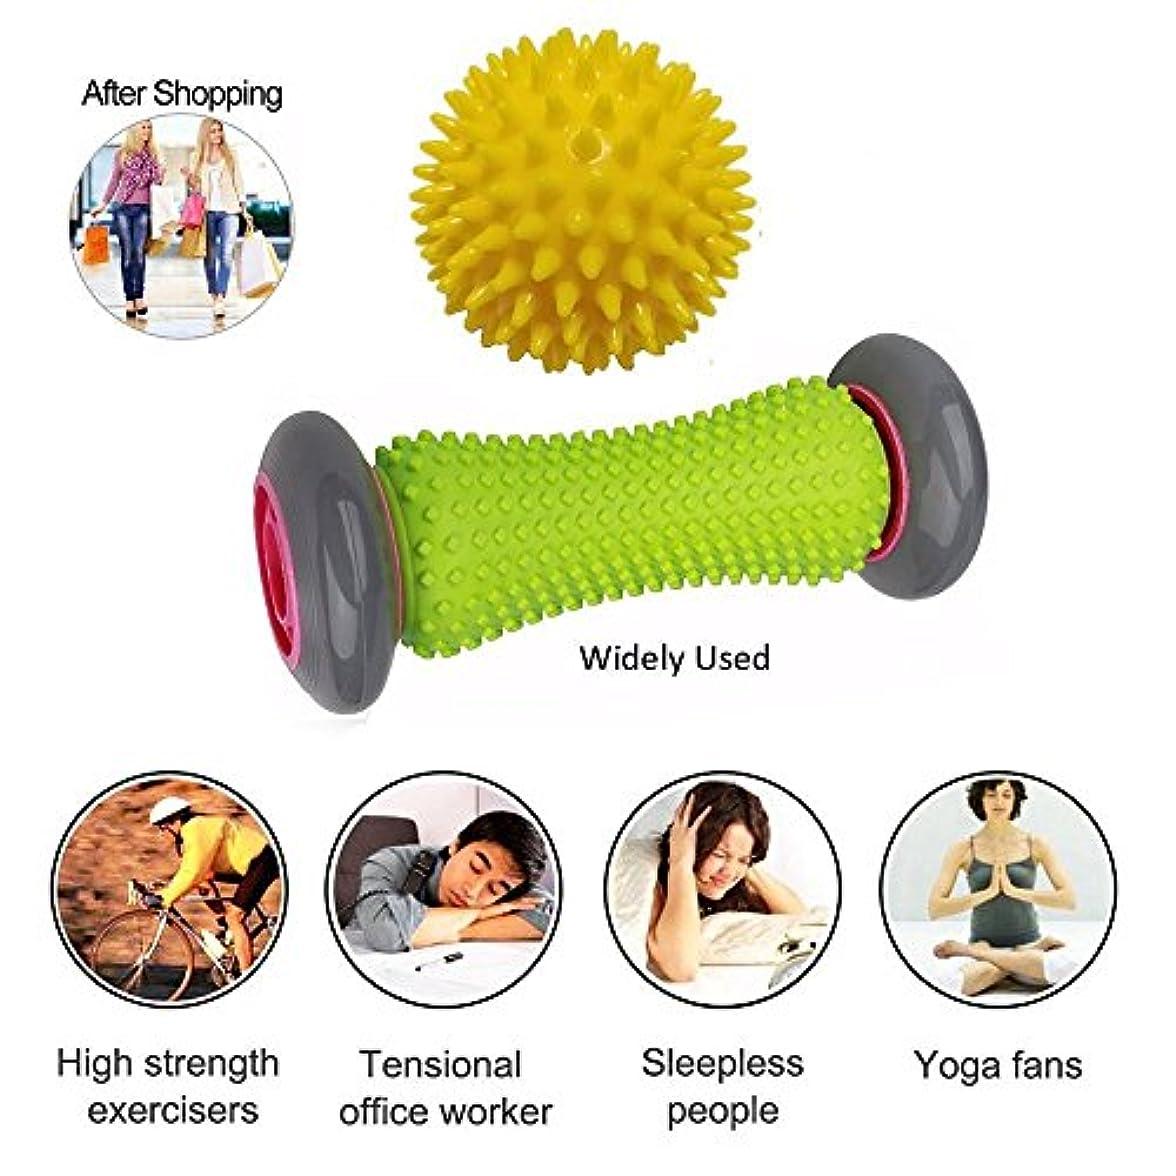 受け入れたショルダー体操フットマッサージローラー - アメージングモール - 理想的な足の痛みの救済マッサージ - フットマッサージャーのためのヒールスパー - 効果的なローラーの足のローラーマッサージ - 推奨フットマッサージャーランナー -...